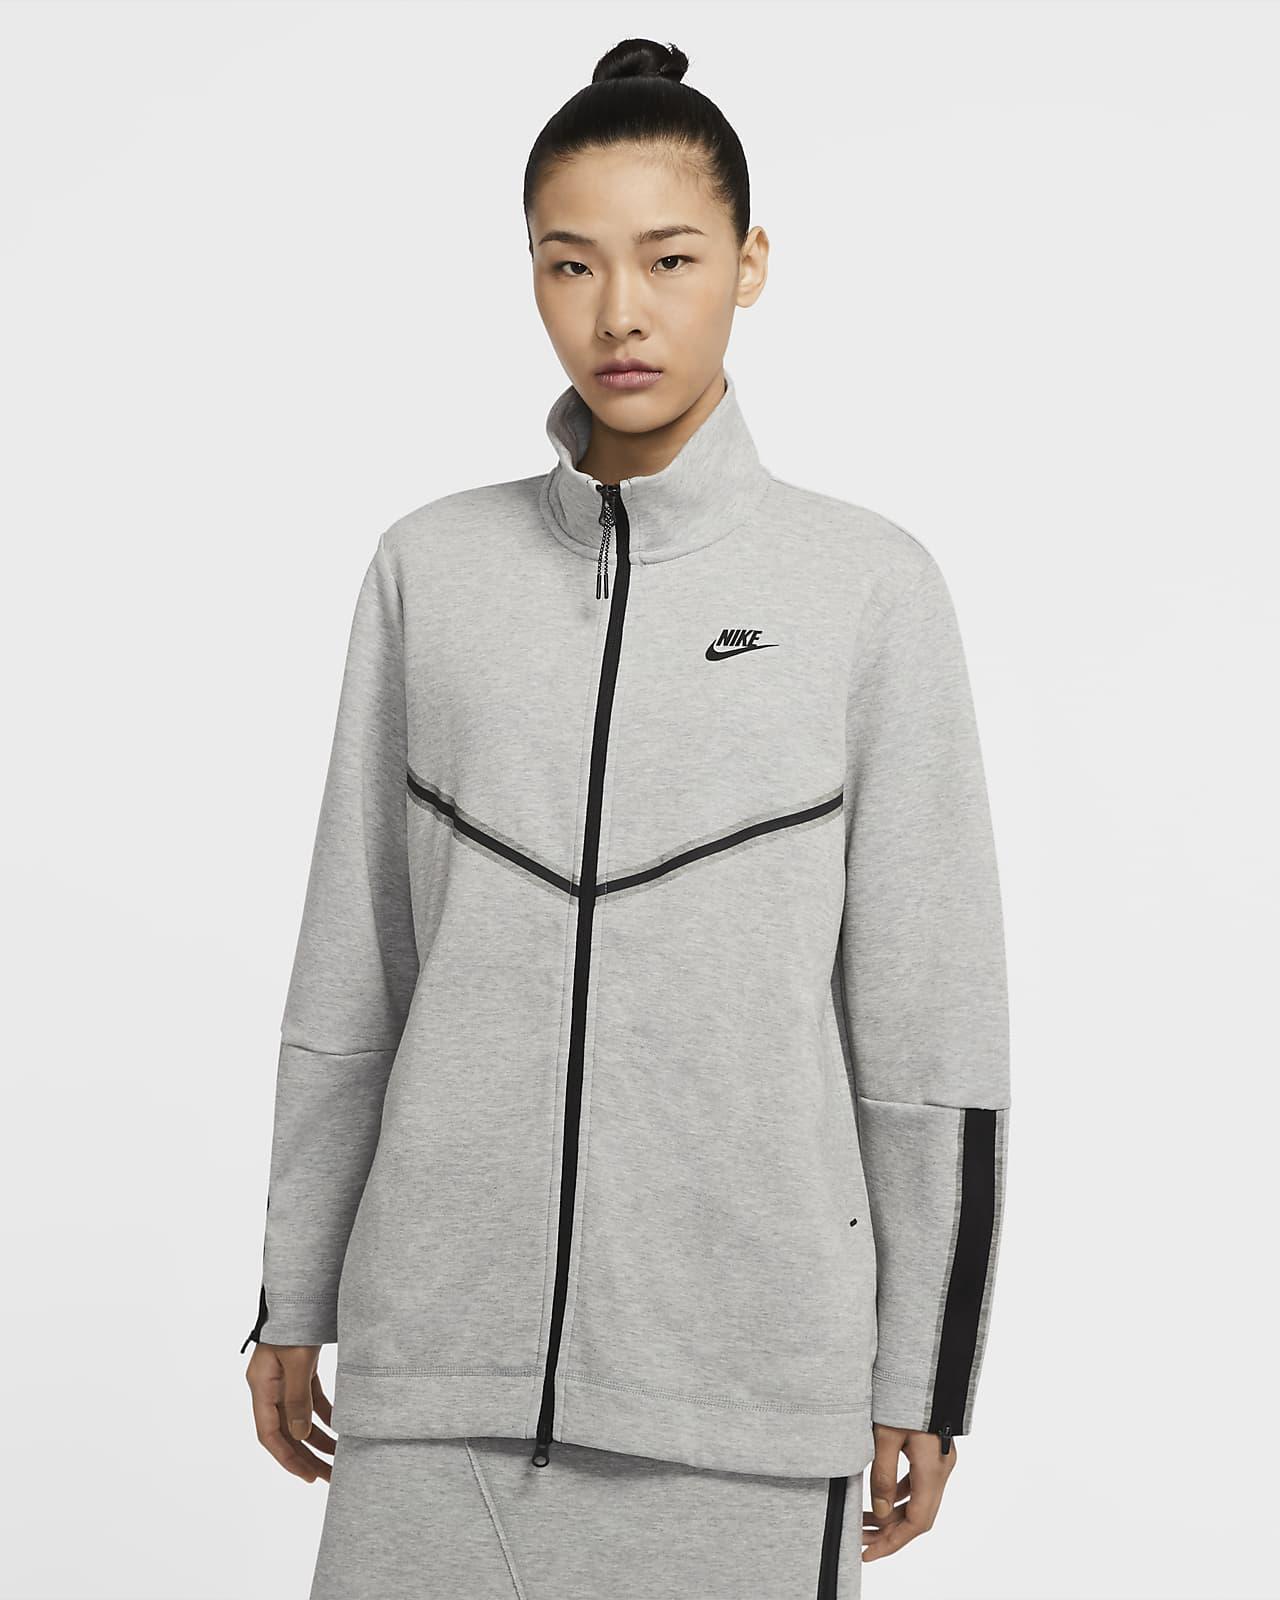 Dámská mikina s dlouhým rukávem Nike Sportswear Tech Fleece se zipem po celé délce